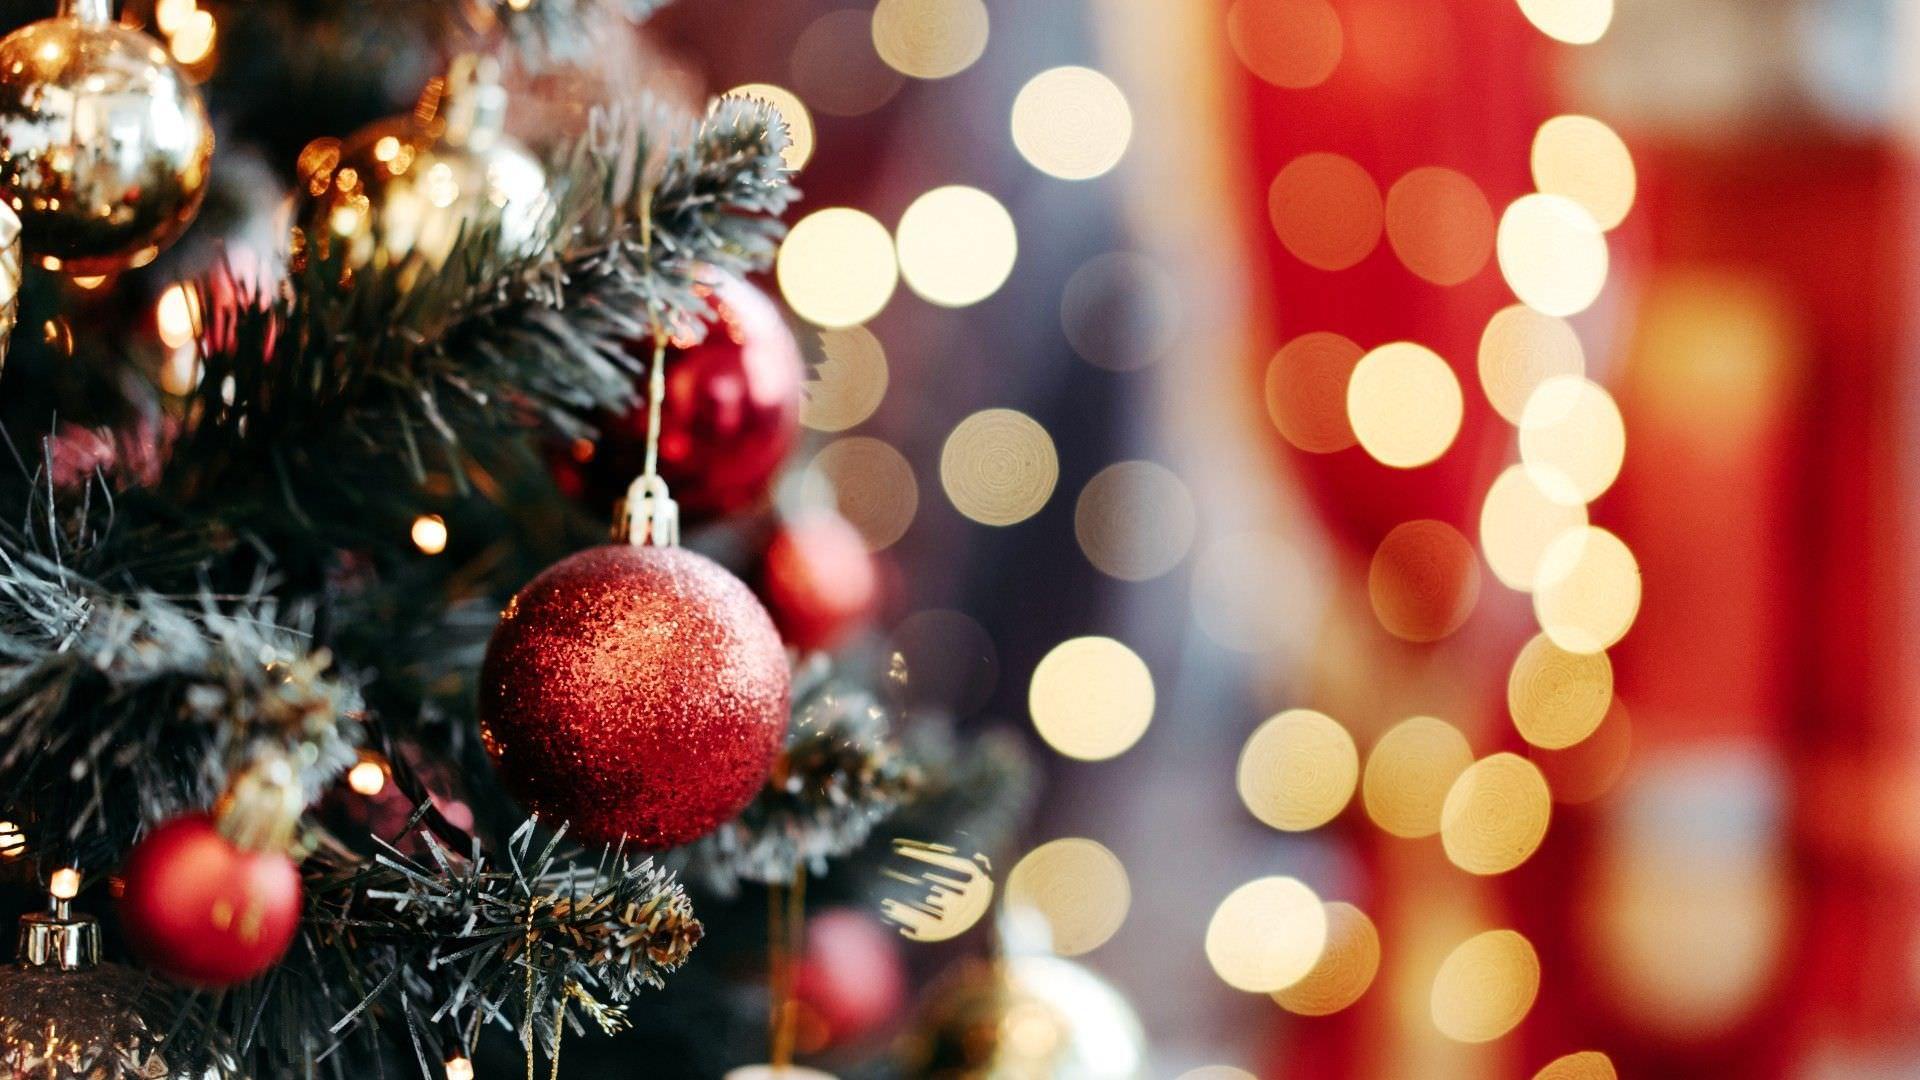 Odcinek świąteczny – gwiazdka w latach 80 i 90, Kevin sam w domu